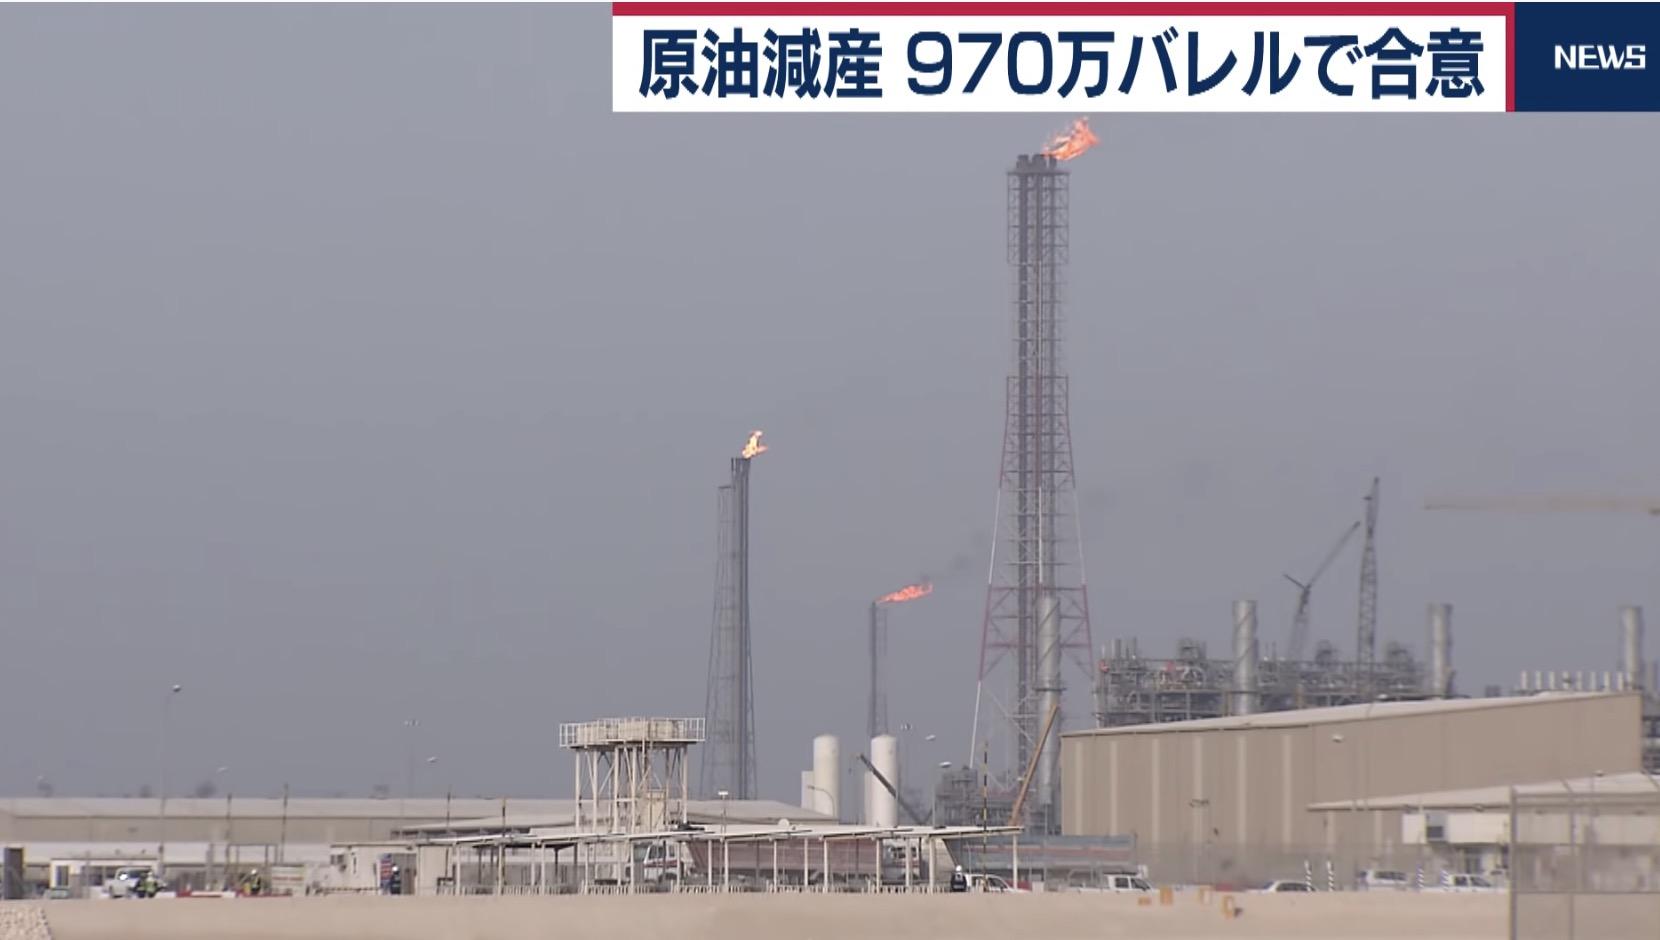 4月12日,石油輸出國組織歐佩克與相關國家達成有史以來「最大的減產協議」。油價波動影響世界各國,其中油的價波深深牽動著中美俄的喜與憂。(影片截圖)